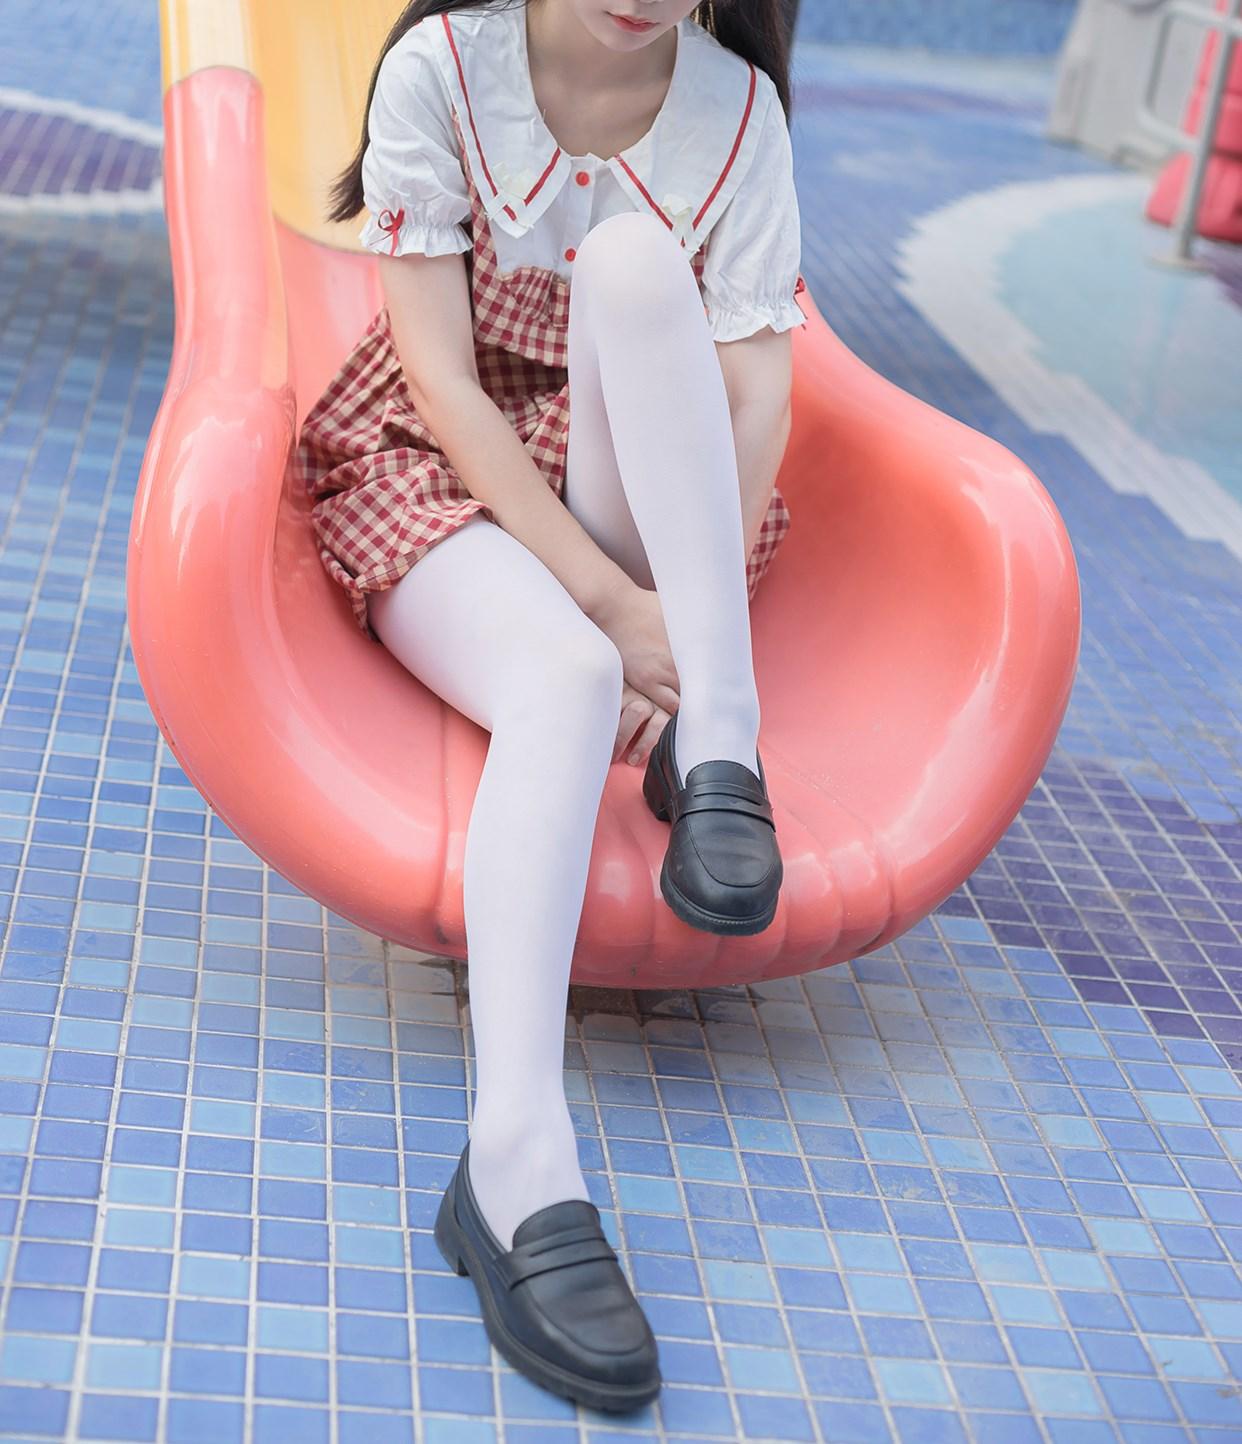 【兔玩映画】萝莉的白丝袜 兔玩映画 第44张